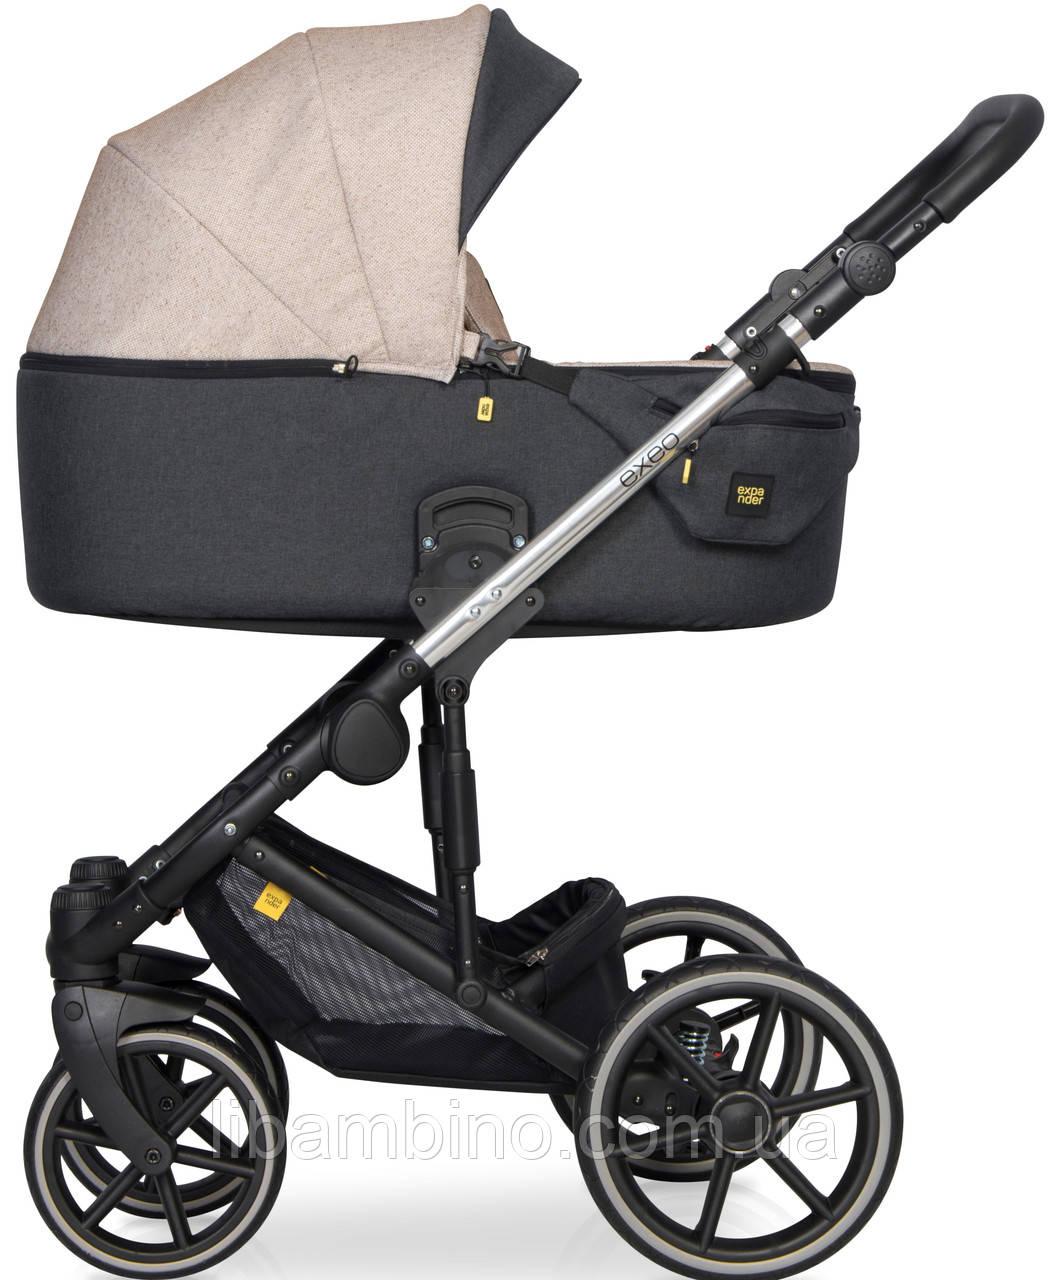 Дитяча універсальна коляска 2 в 1 Expander Exeo 04 Mocca